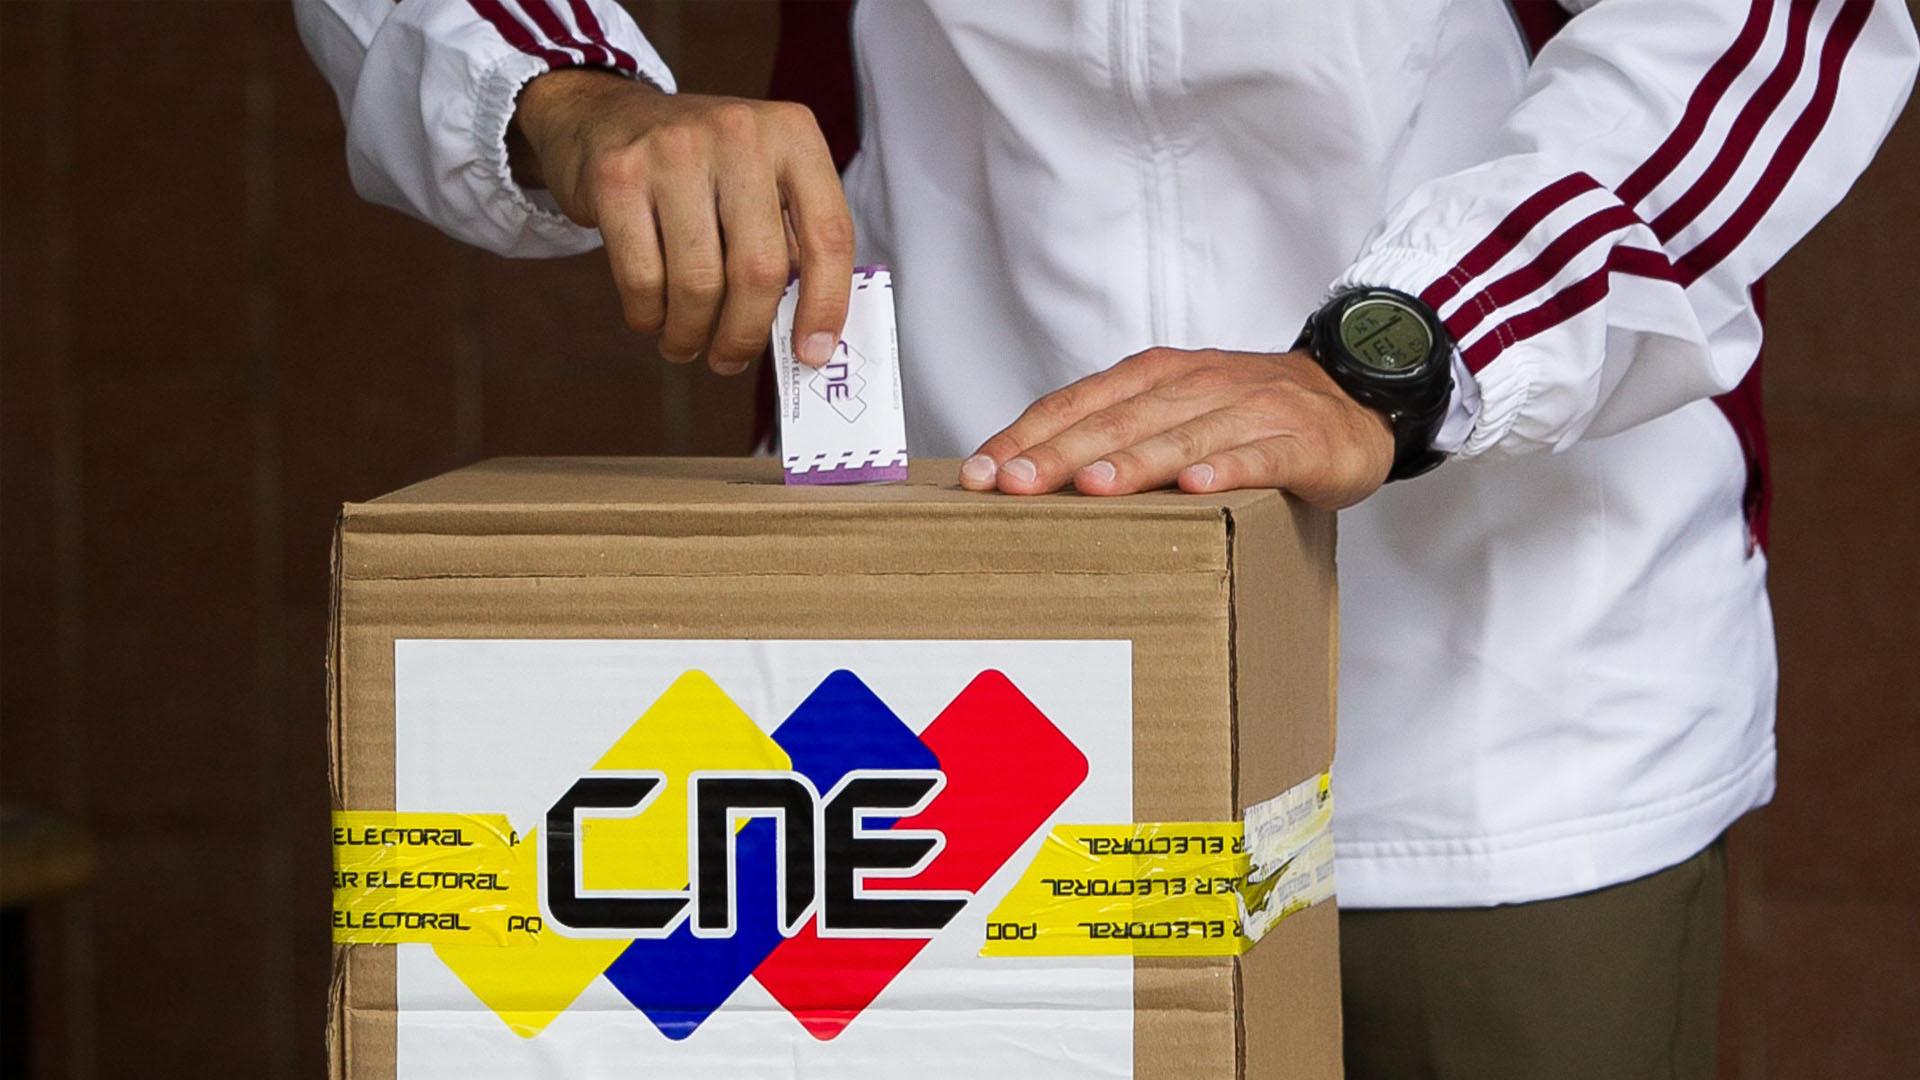 El próximo paso para el referéndum tendrá lugar la última semana de octubre